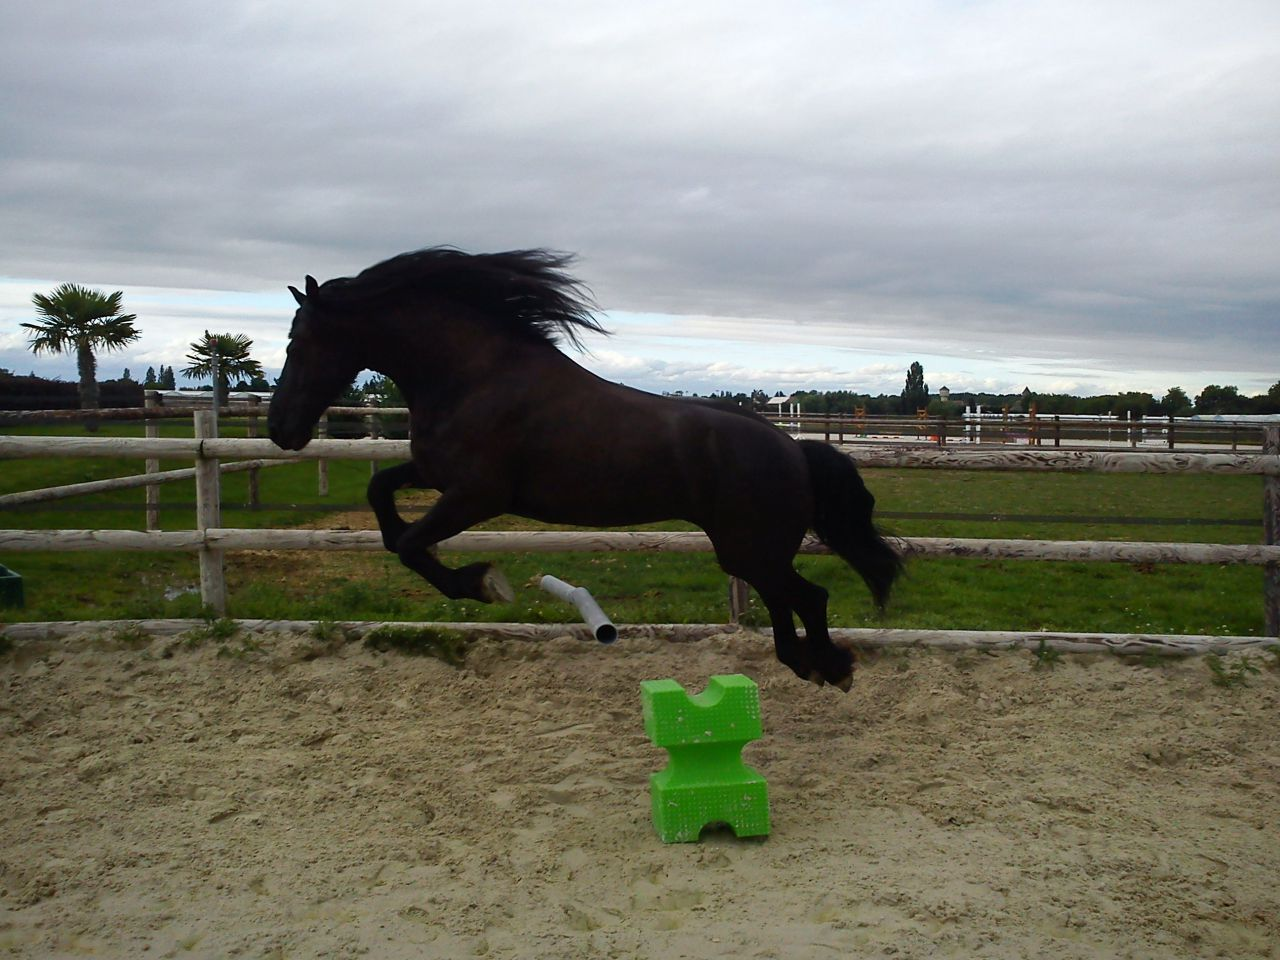 Si toi aussi tu as un cheval dou en cso 10 forum cheval - Cheval qui saute dessin ...